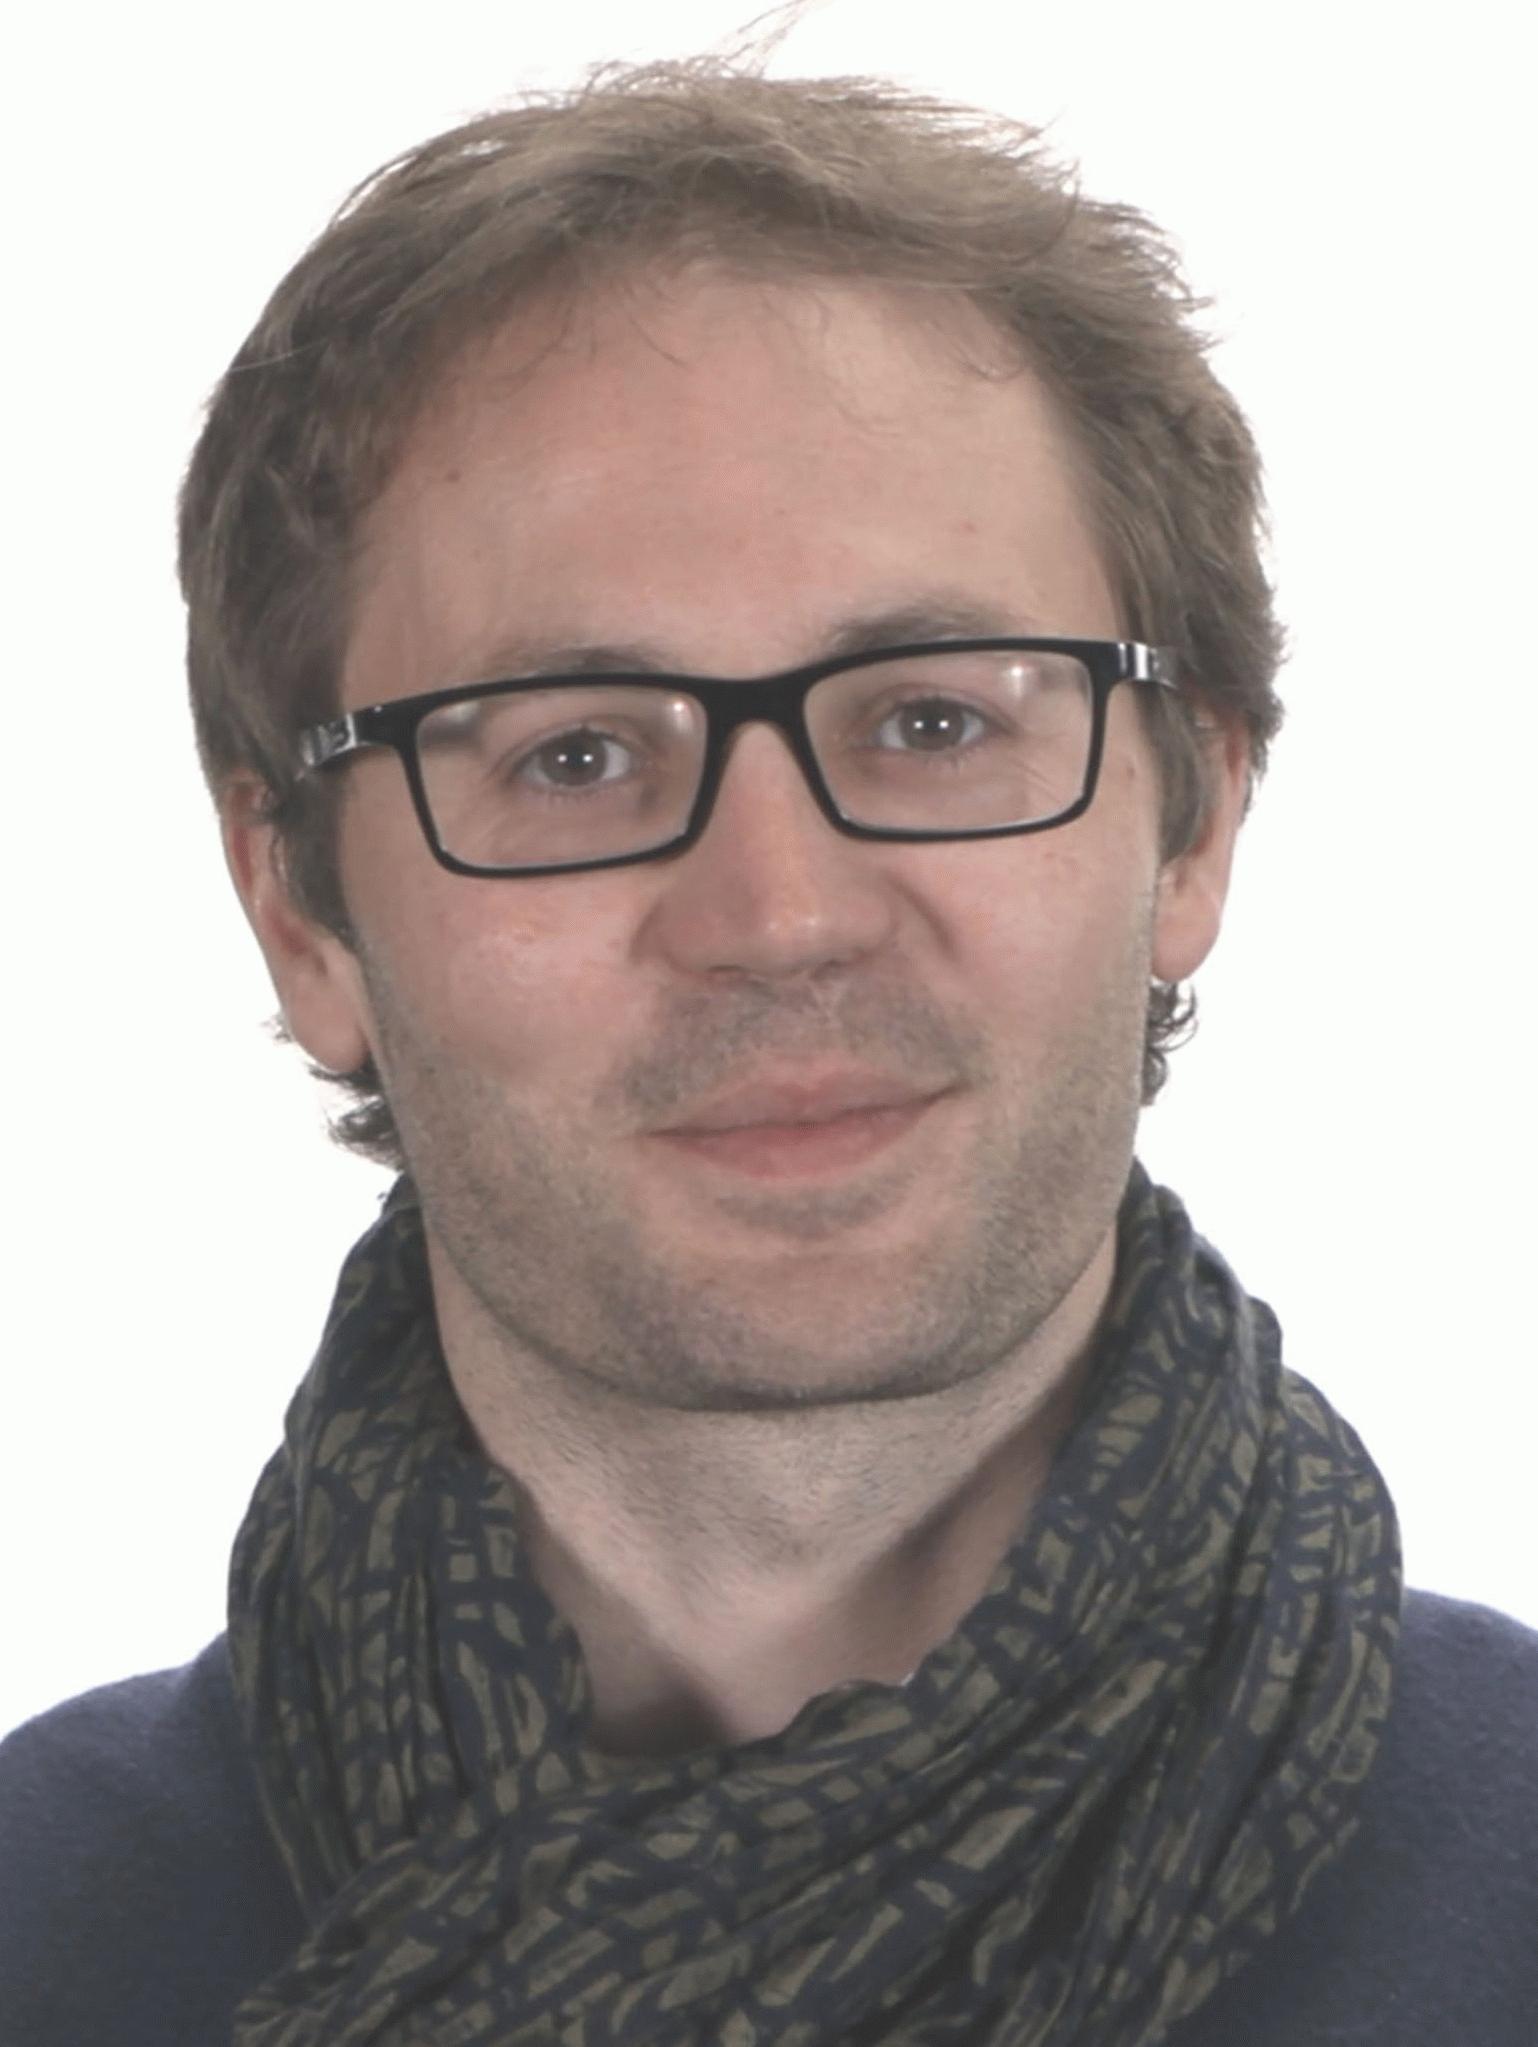 Lucas Xan Pimienta